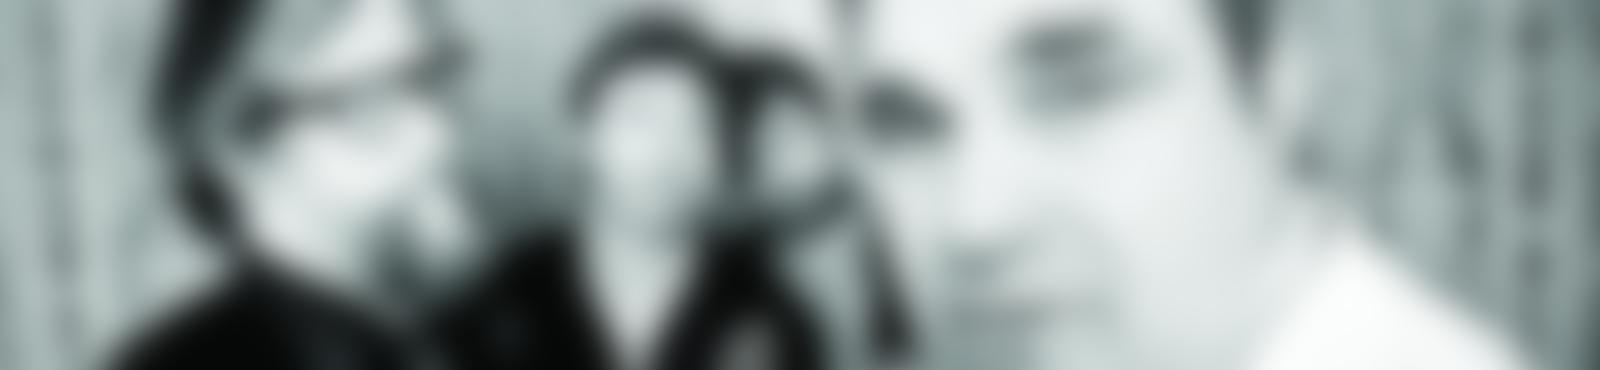 Blurred 018db17b c6cd 451c b0ce 223b56f893ad